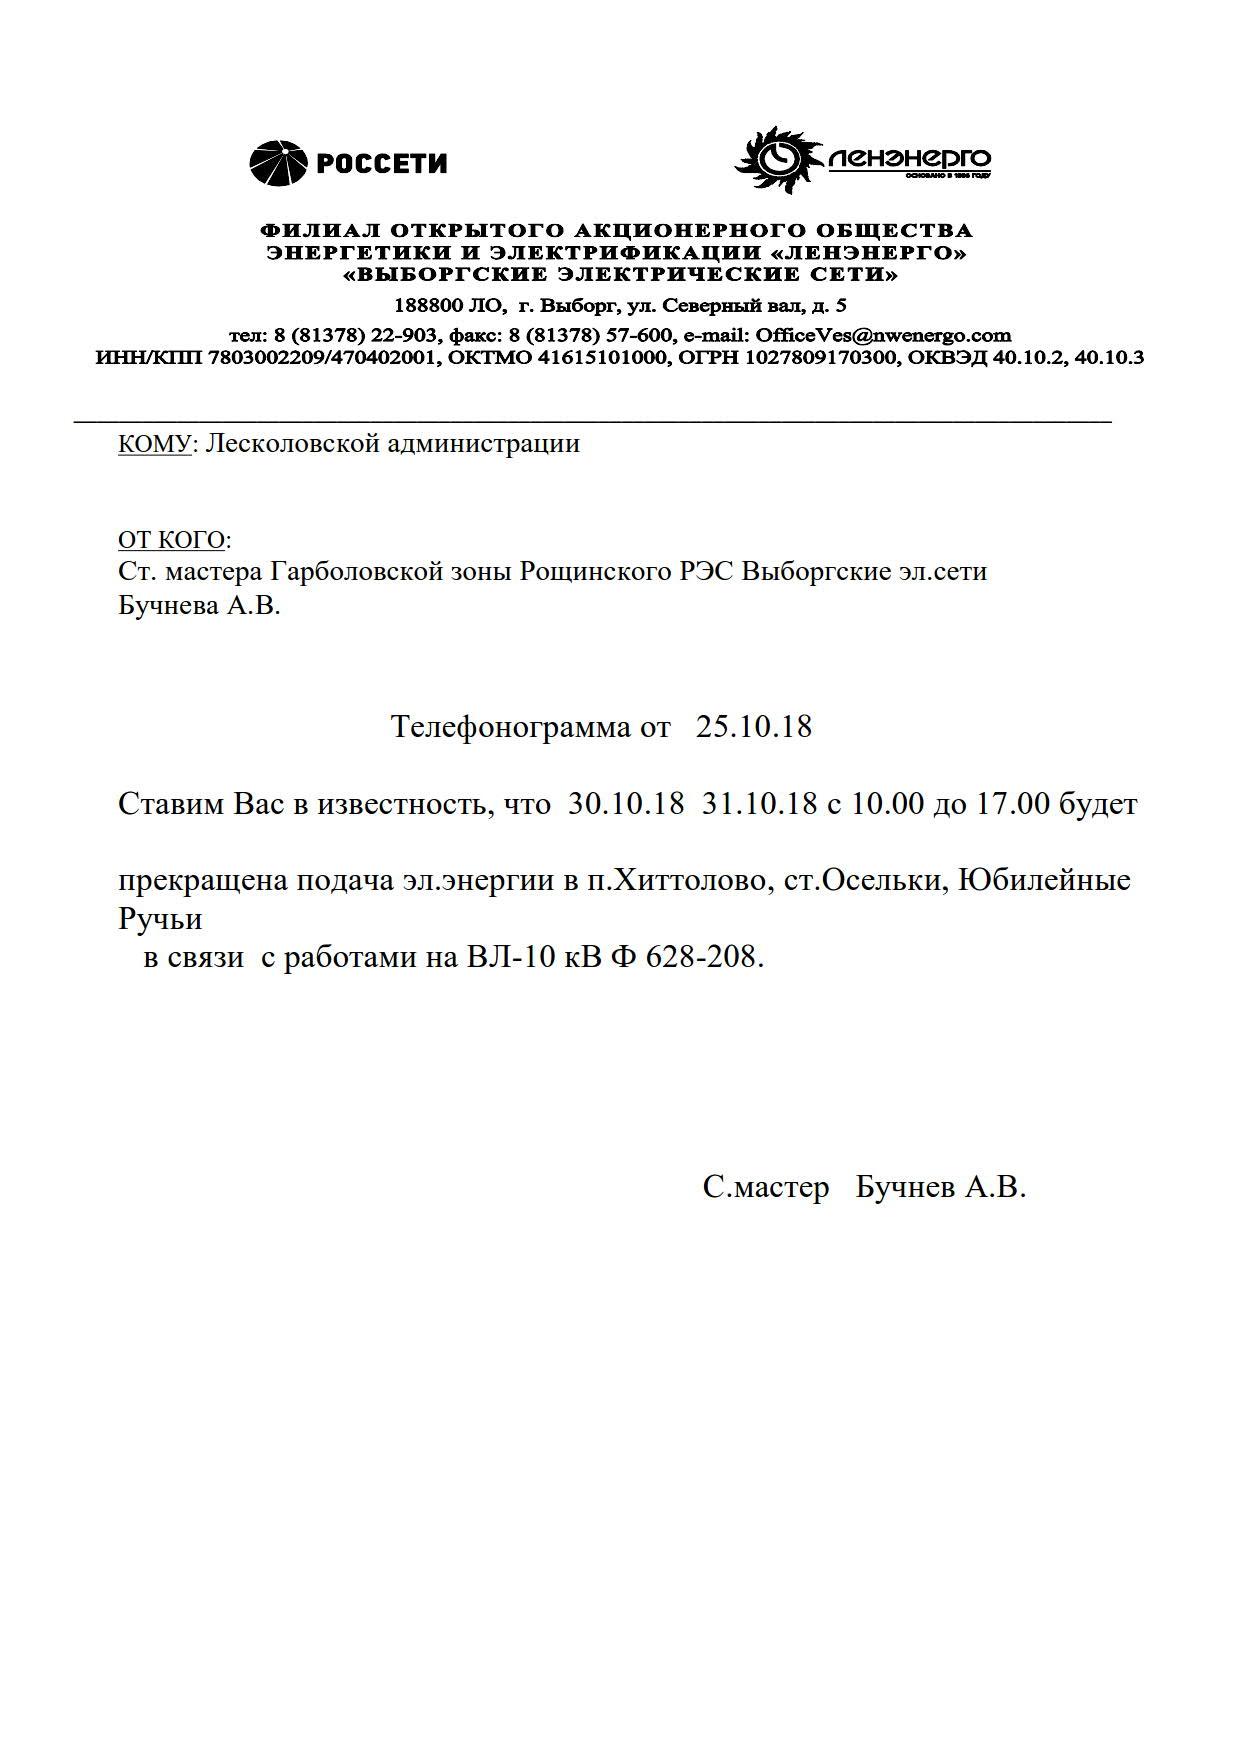 Леск.адм. Ф 628-208 (2) (1)_1